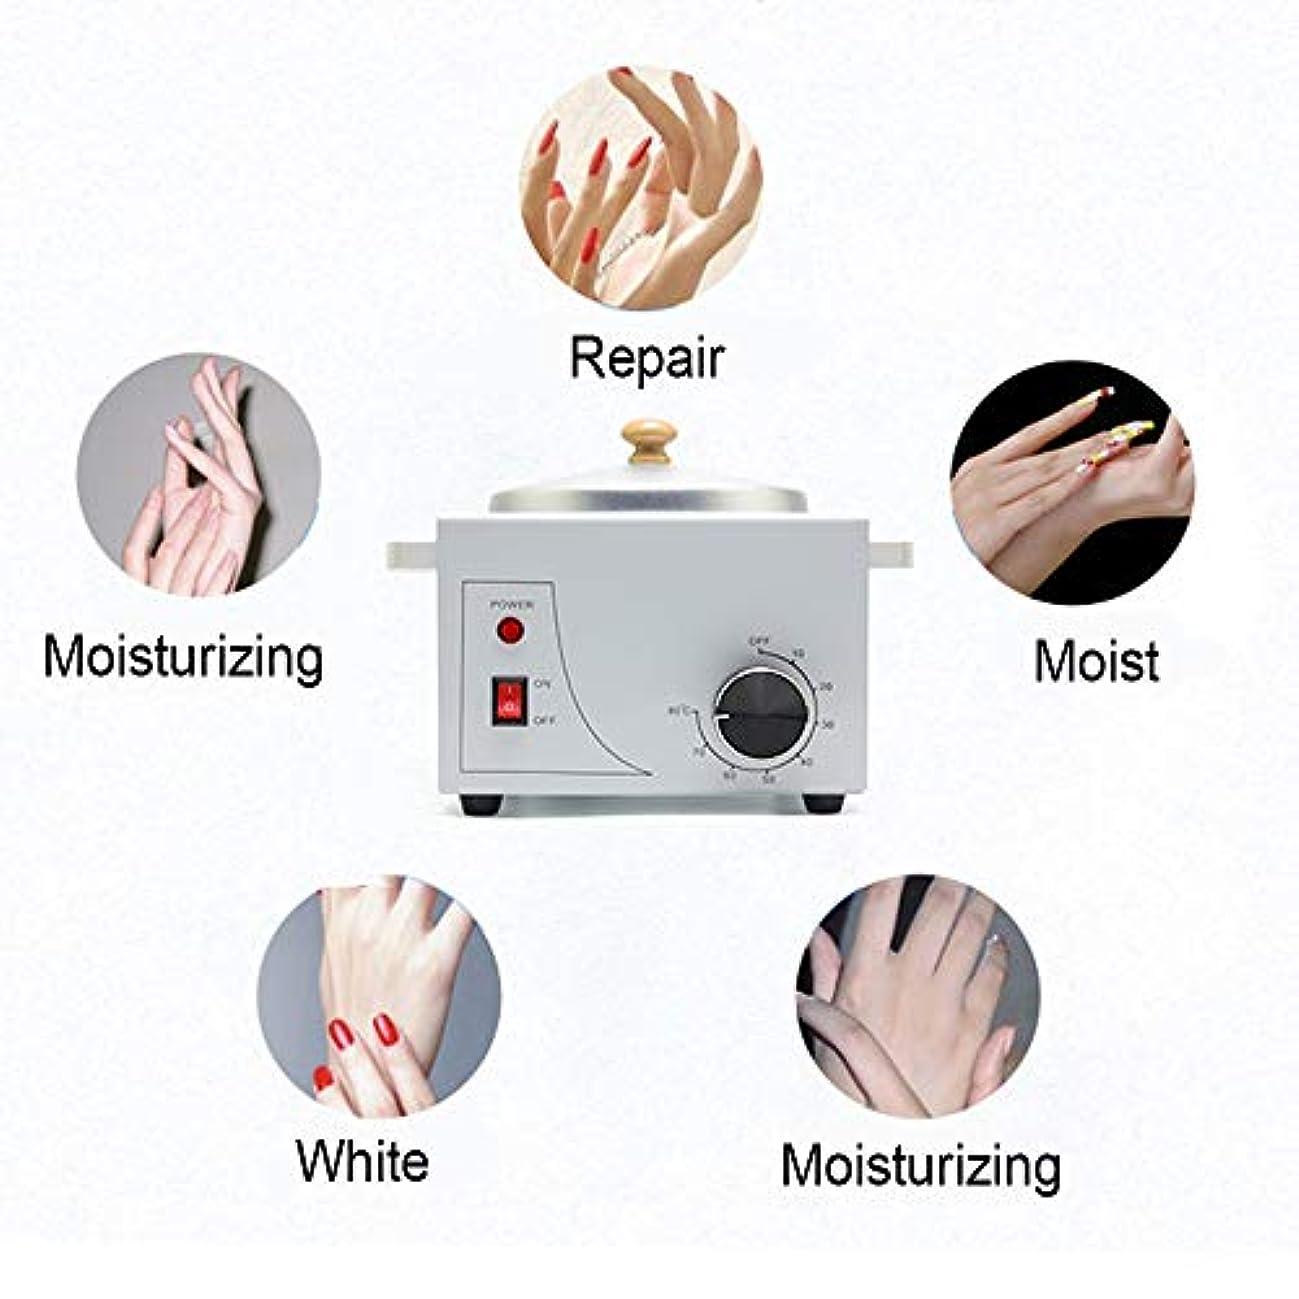 キャロラインどうしたのどれでも携帯用電気ホットワックスウォーマーマシン可変温度での脱毛、プロフェッショナルシングルポット電気ワックスウォーマーマシンの